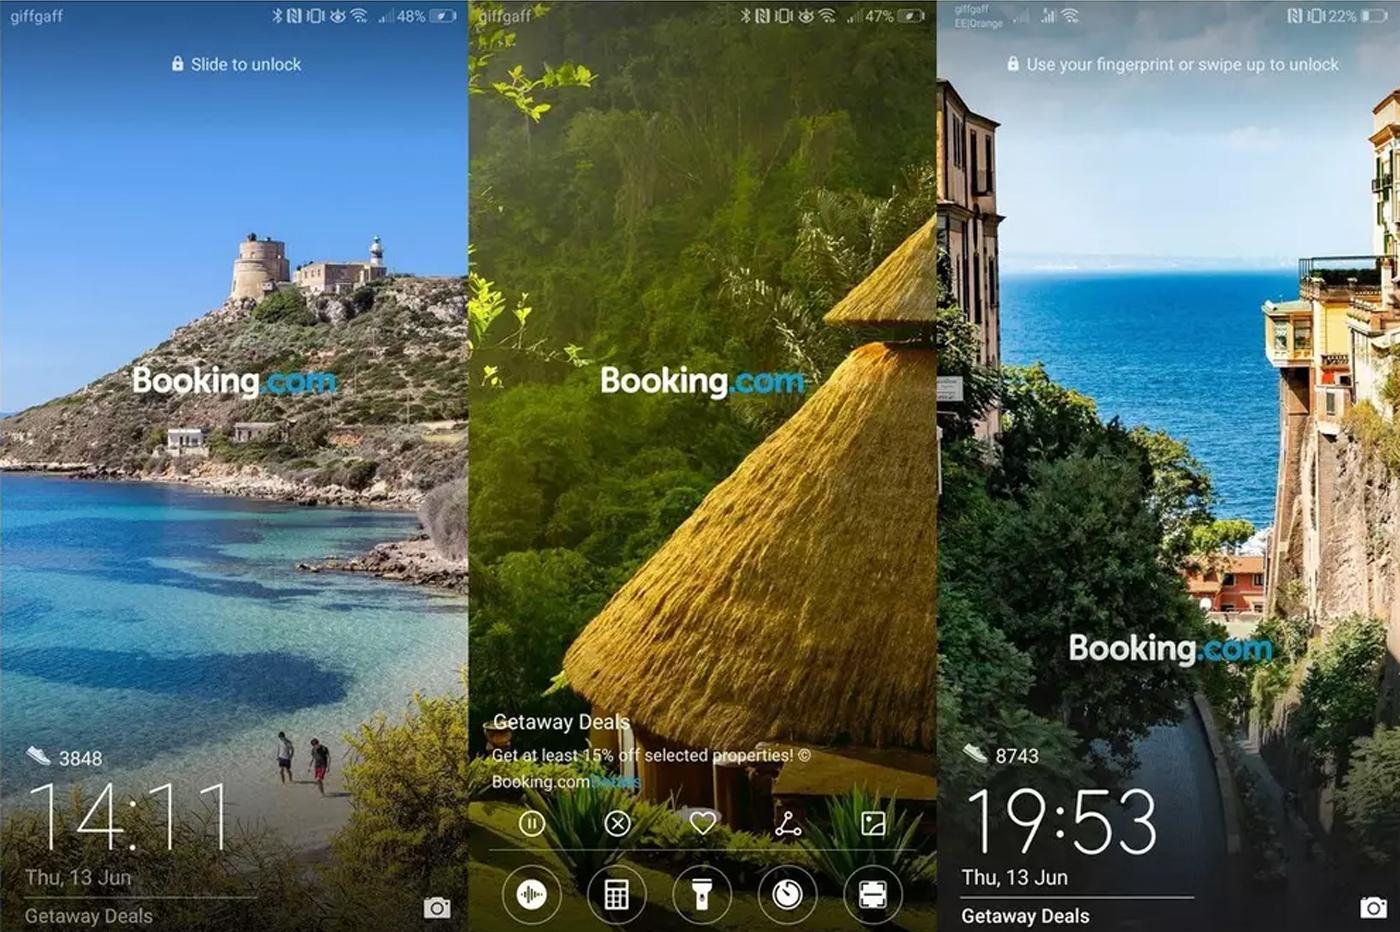 Des publicités sur les smartphones provoquent la colère des utilisateurs — Huawei